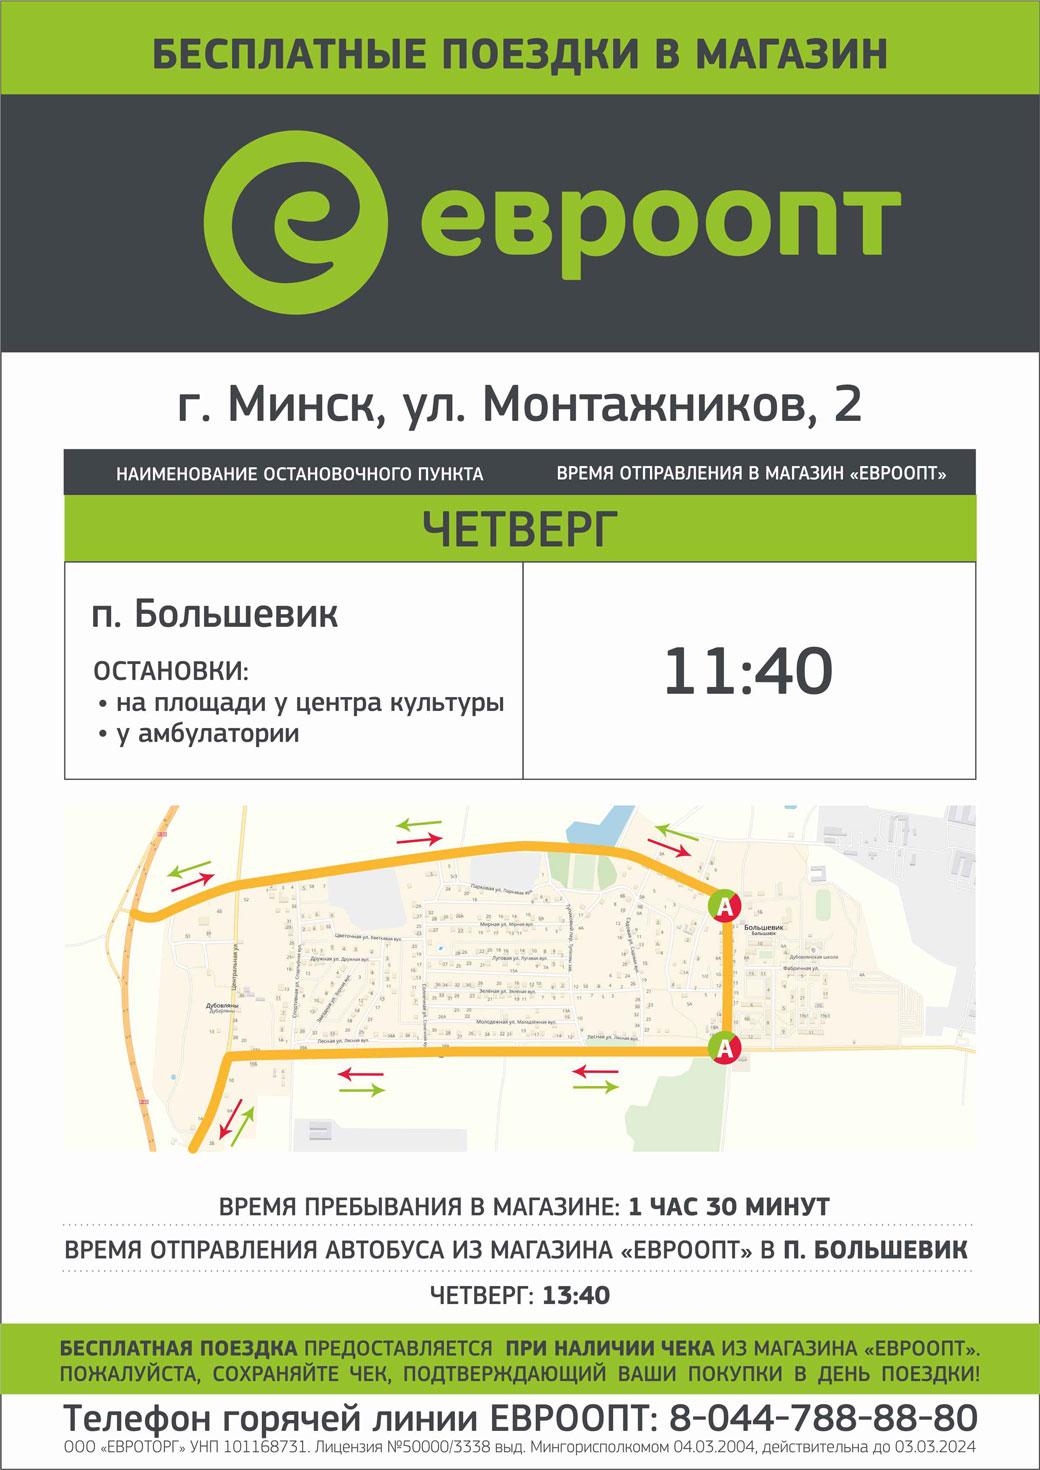 Расписание автобусов Евроопт с п.Большевик